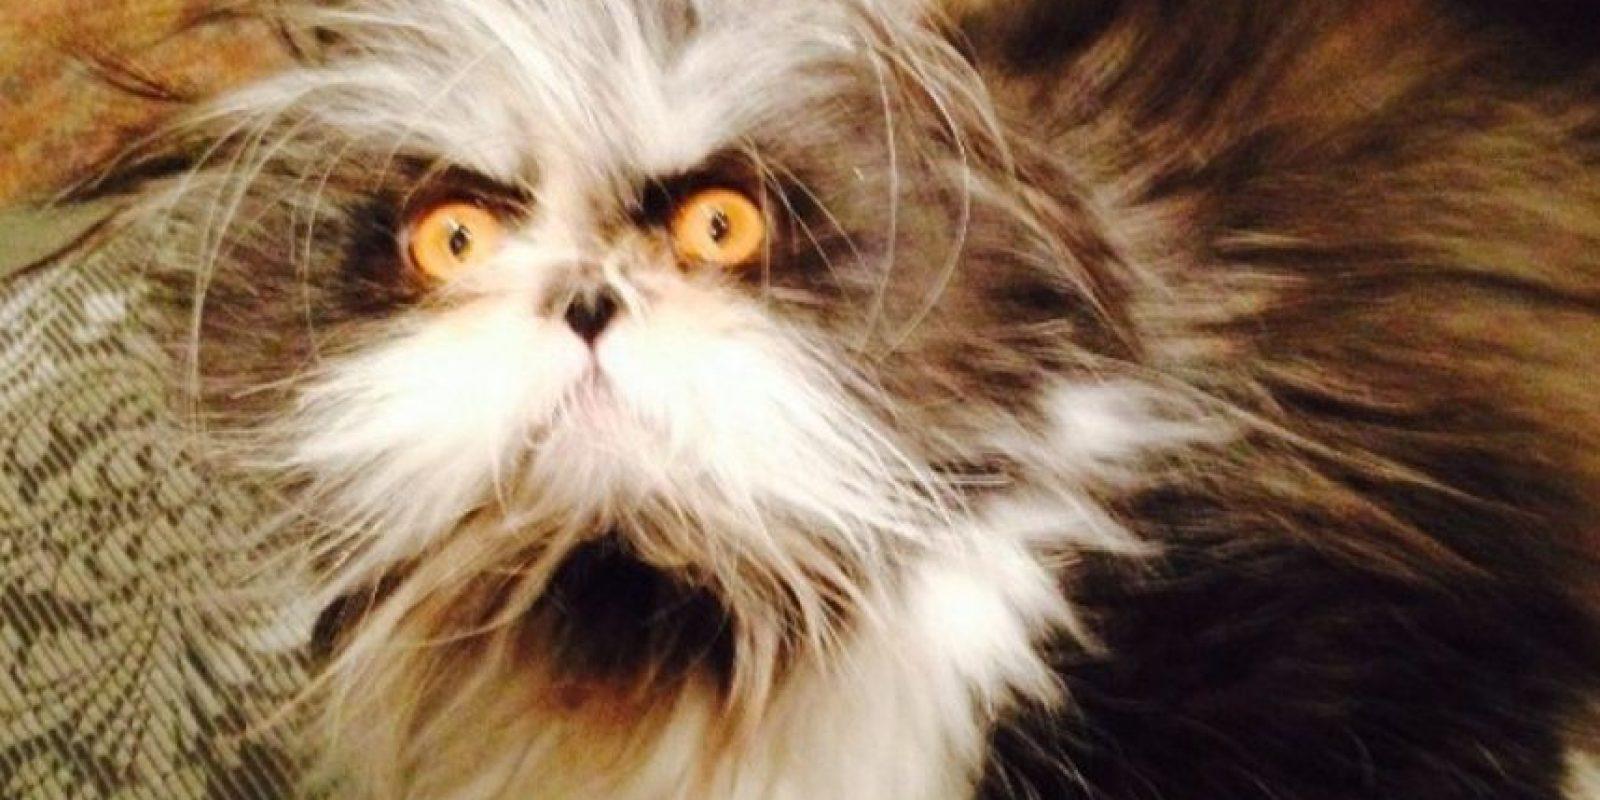 """Su nombre es una onomatopeya francesa de estornudo """"Atchoum"""" Foto:Vía Instagram: @atchoumfan"""